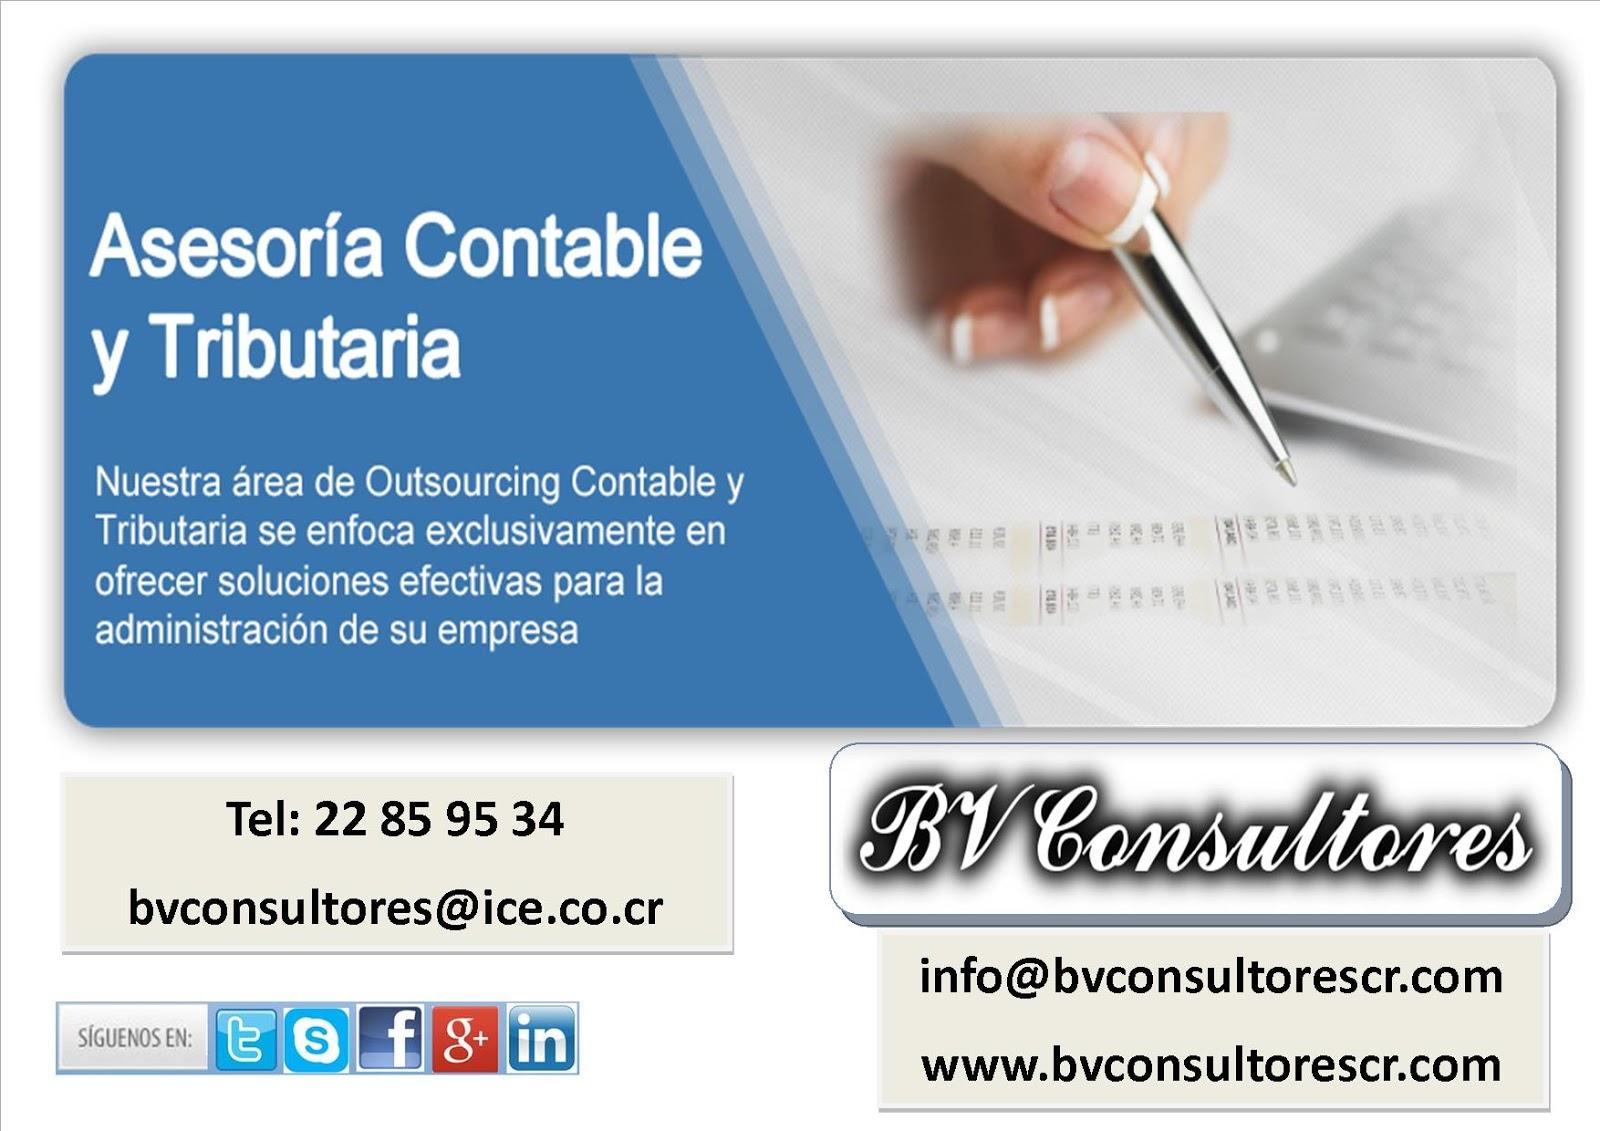 BV Consultores Costa Rica: Nuestro Despacho De Contable BV